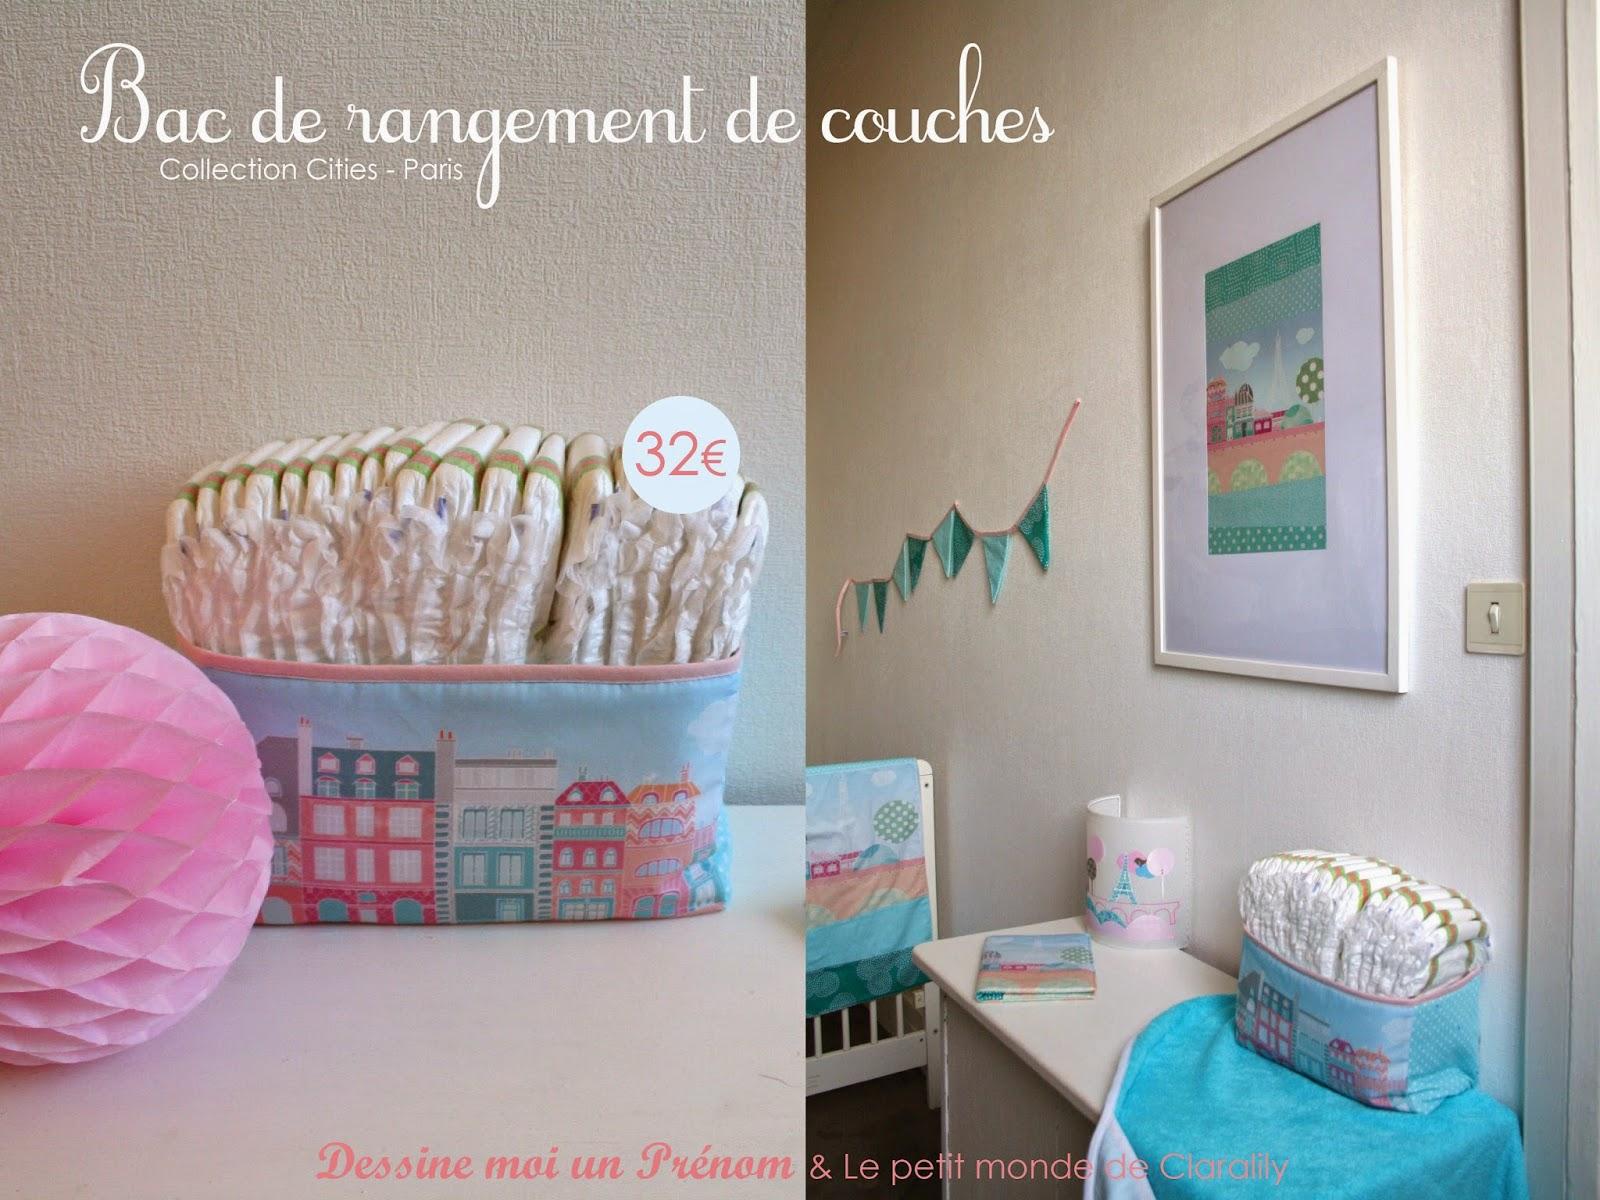 http://www.alittlemarket.com/chambre-d-enfant-de-bebe/fr_bac_de_rangement_couches_turquoise_collection_cities_paris_-11962073.html